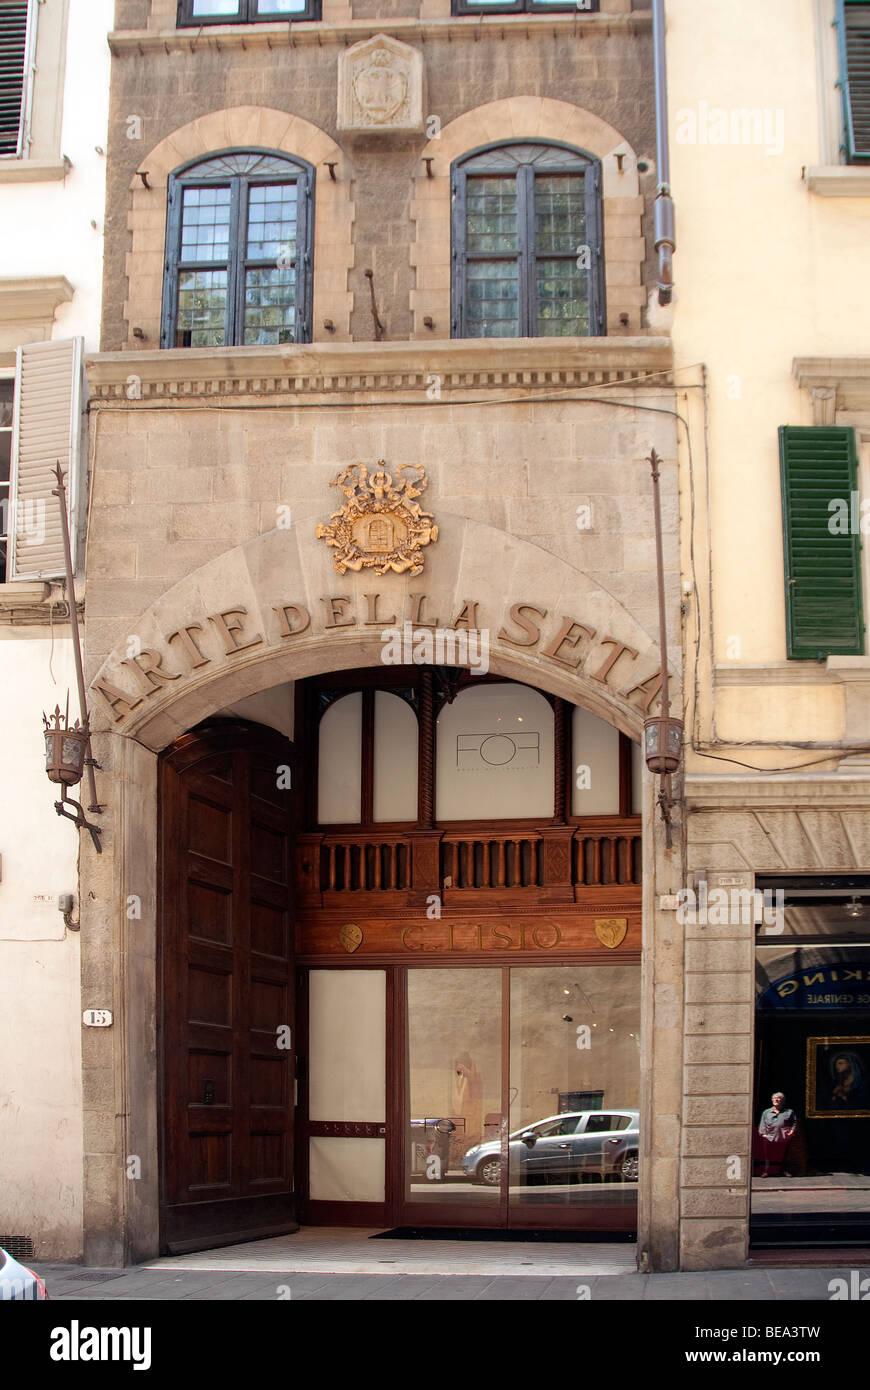 Arte della Seta (seta lavoratori guild) edificio, ora una galleria d'arte contemporanea in Via dei Fossi, Firenze Immagini Stock